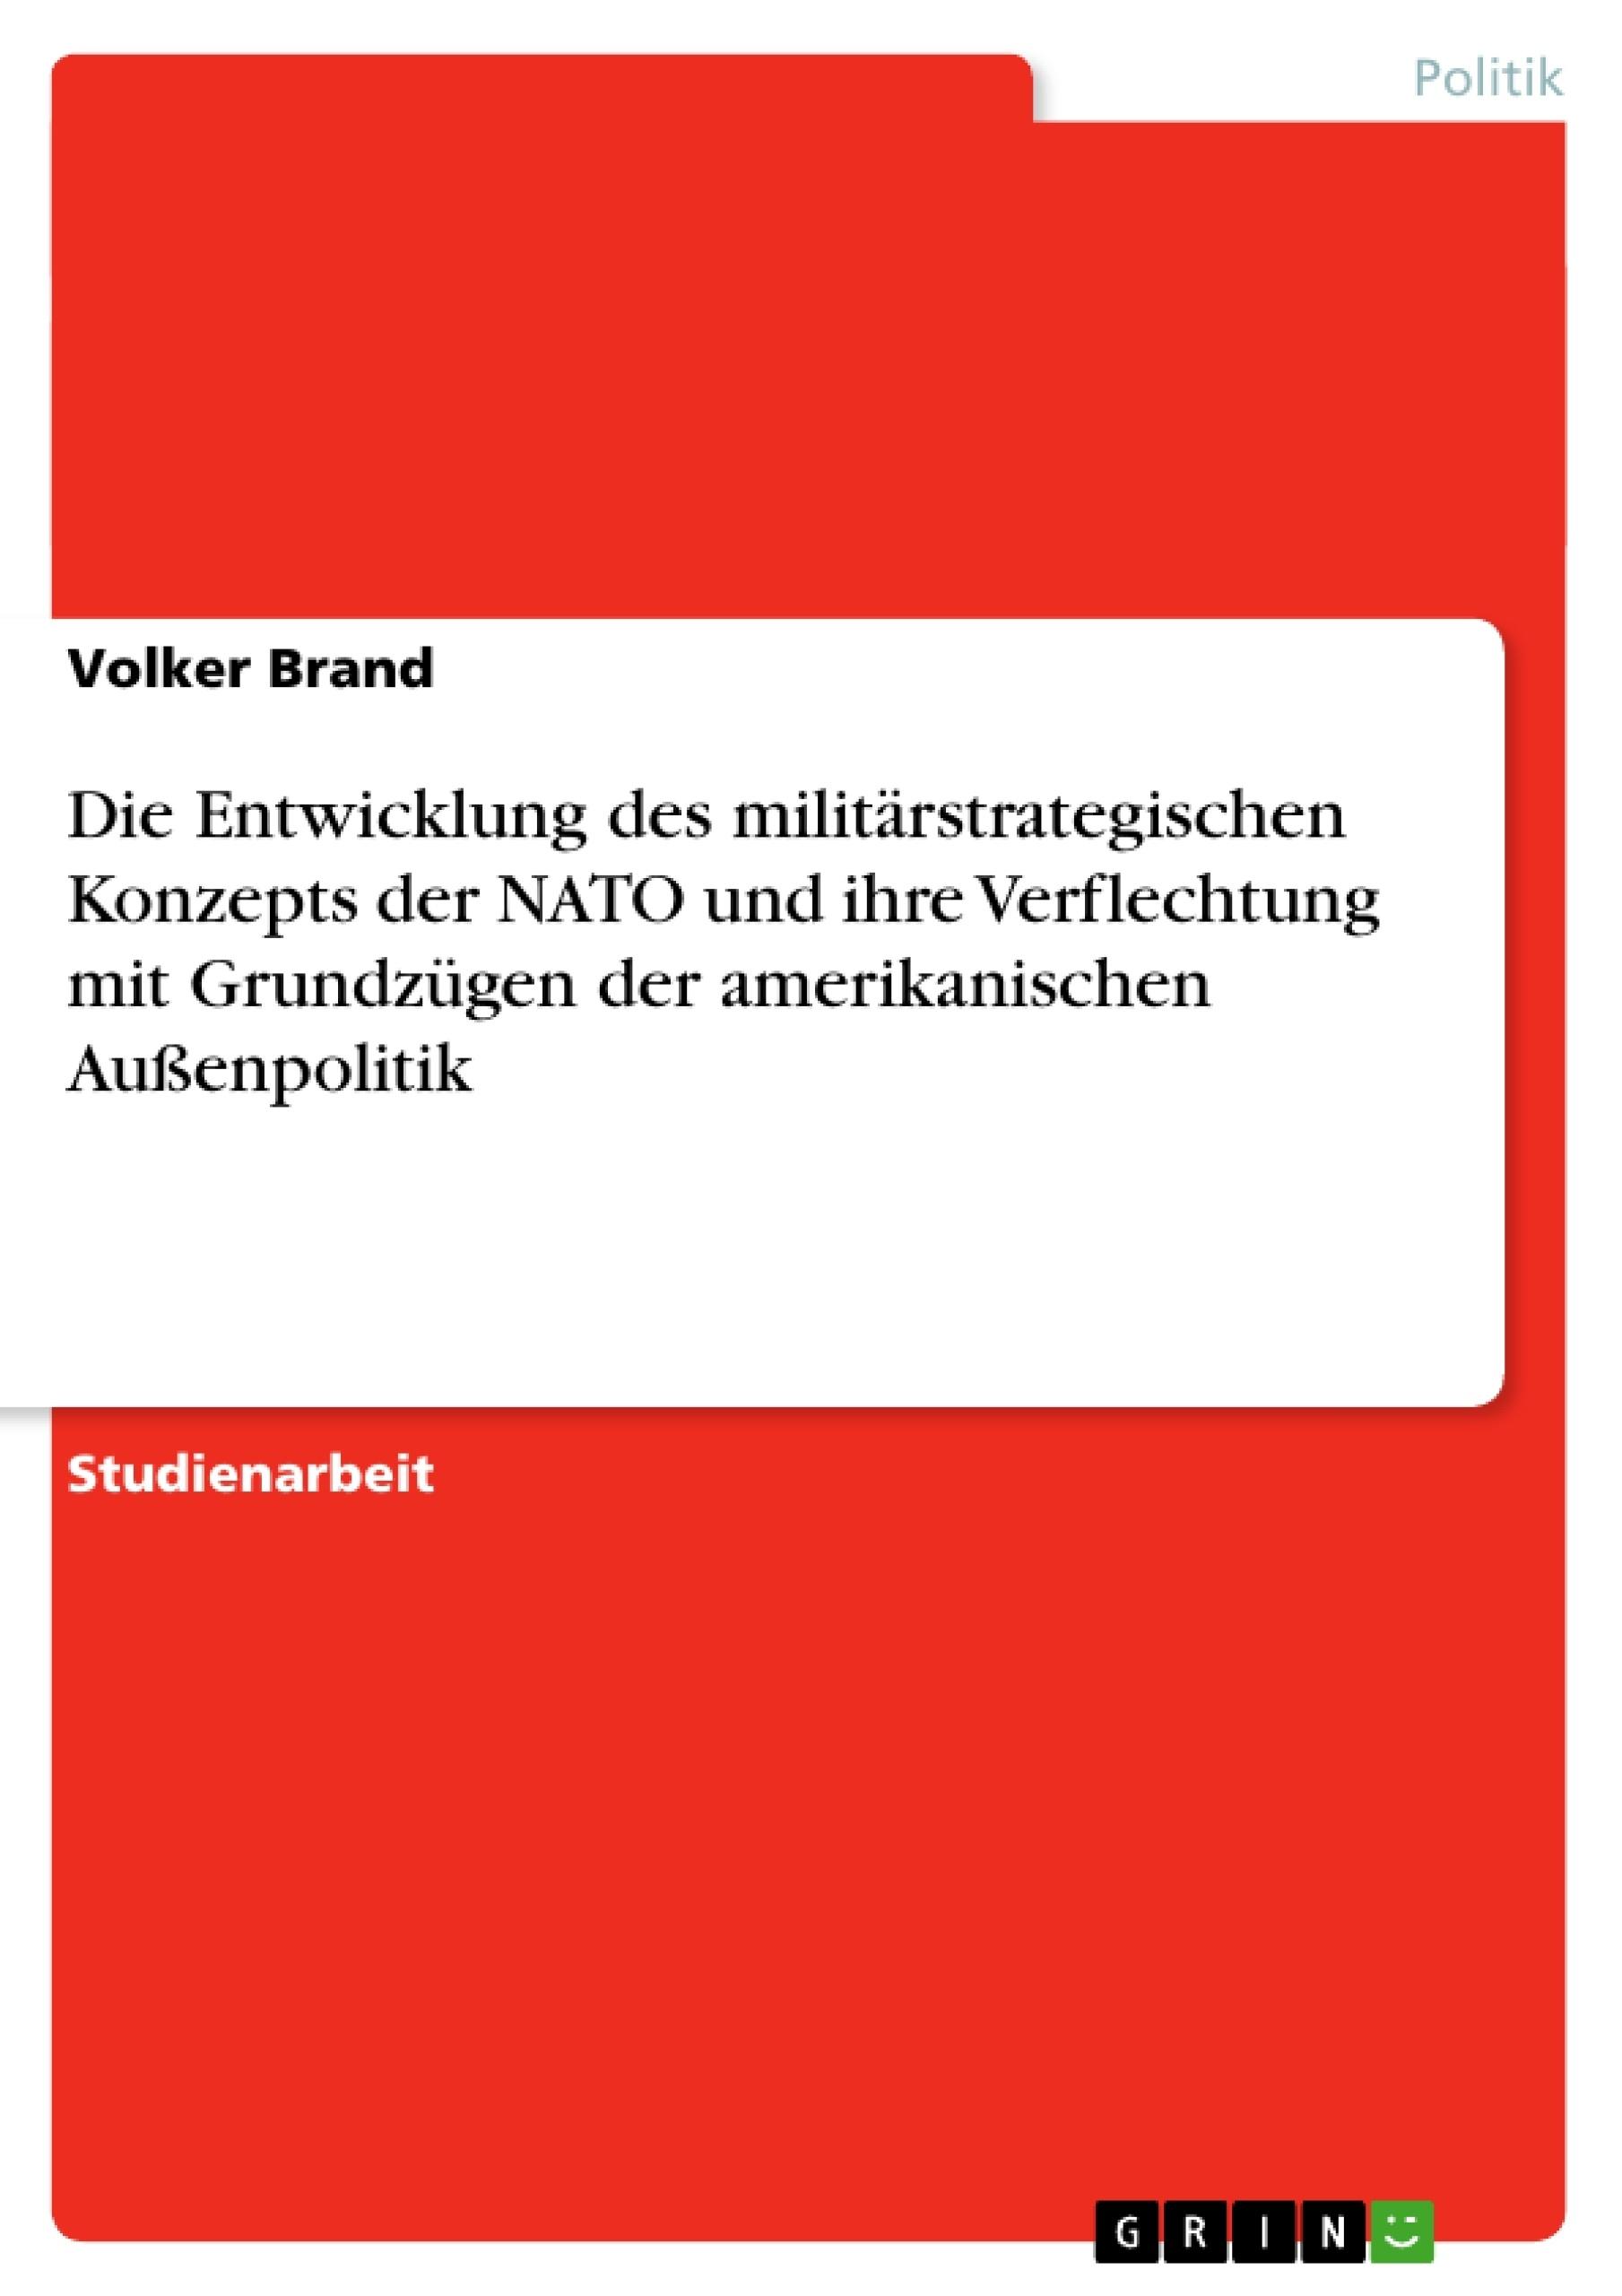 Titel: Die Entwicklung des militärstrategischen Konzepts der NATO und ihre Verflechtung mit Grundzügen der amerikanischen Außenpolitik